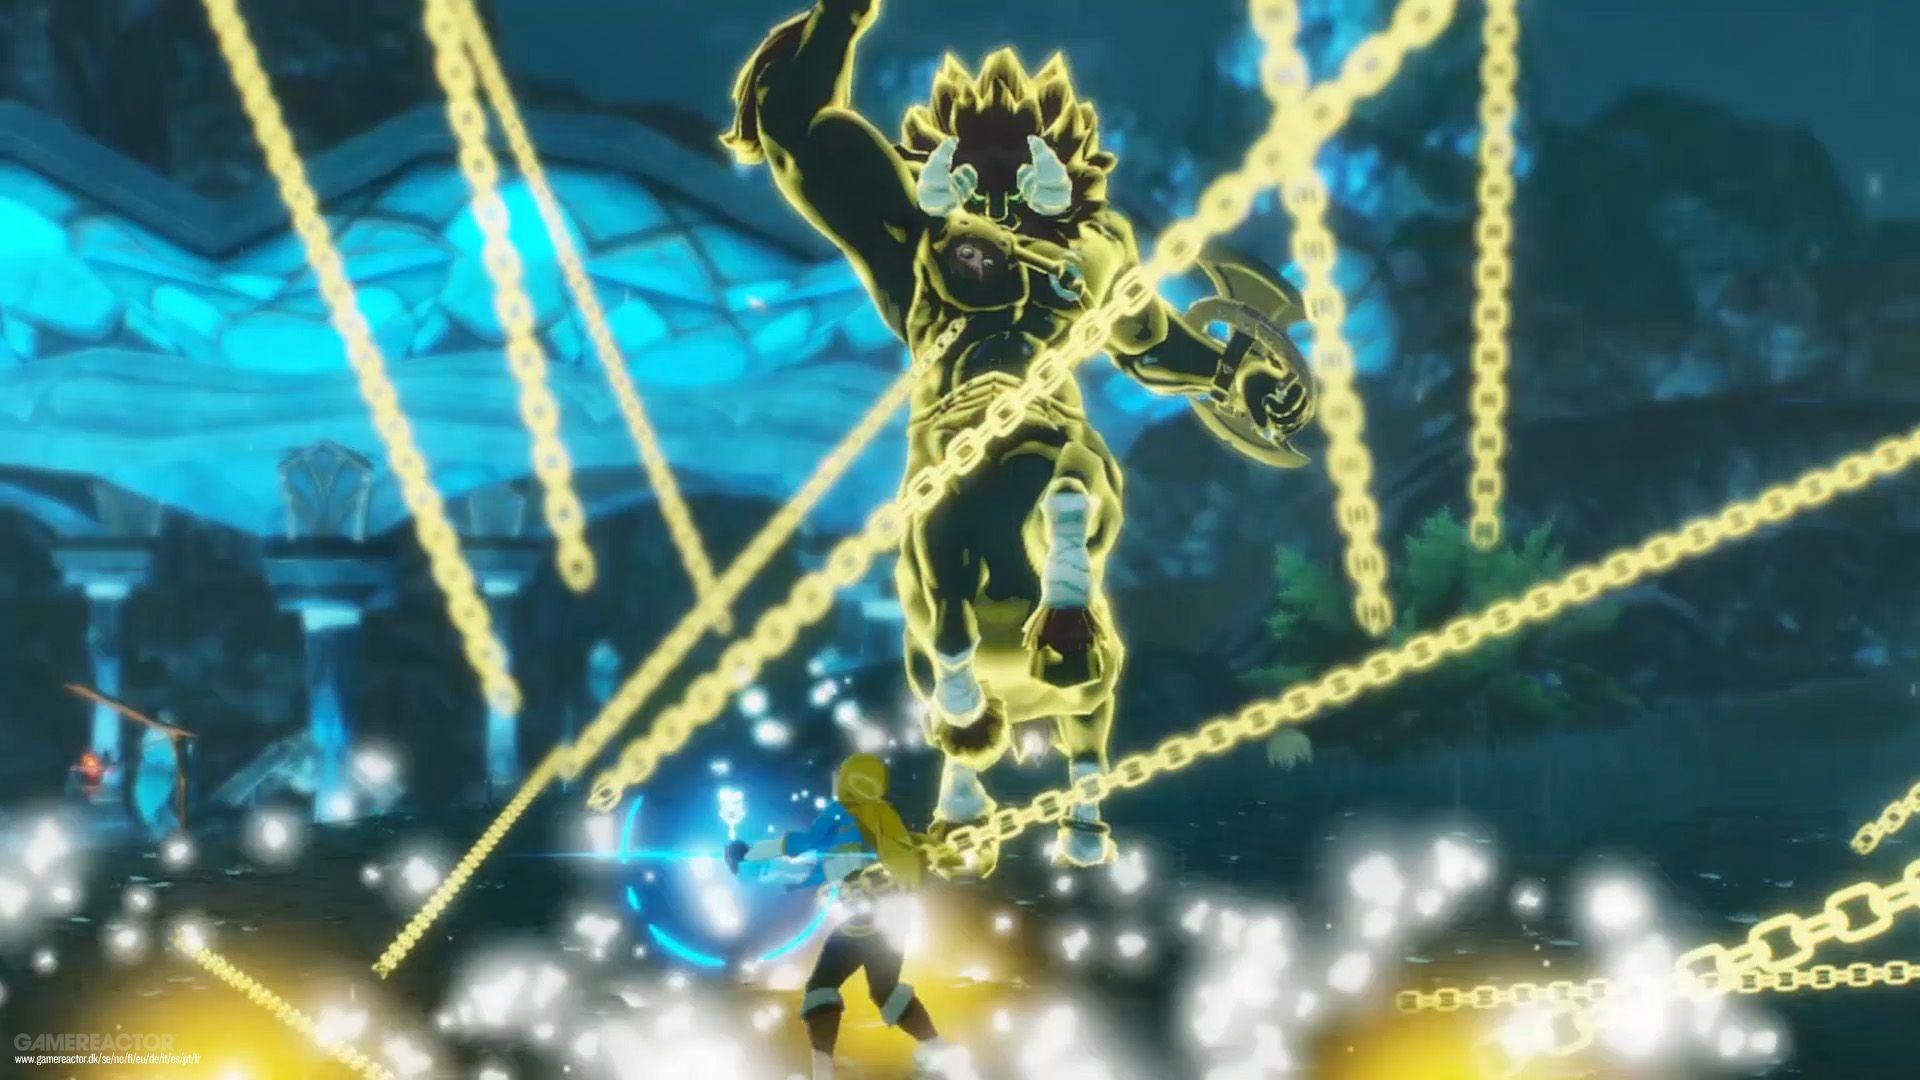 Gambar Dari Hyrule Warriors Age Of Calamity Dapatkan Presentasi Gameplay Dan Trailer Baru 4 5